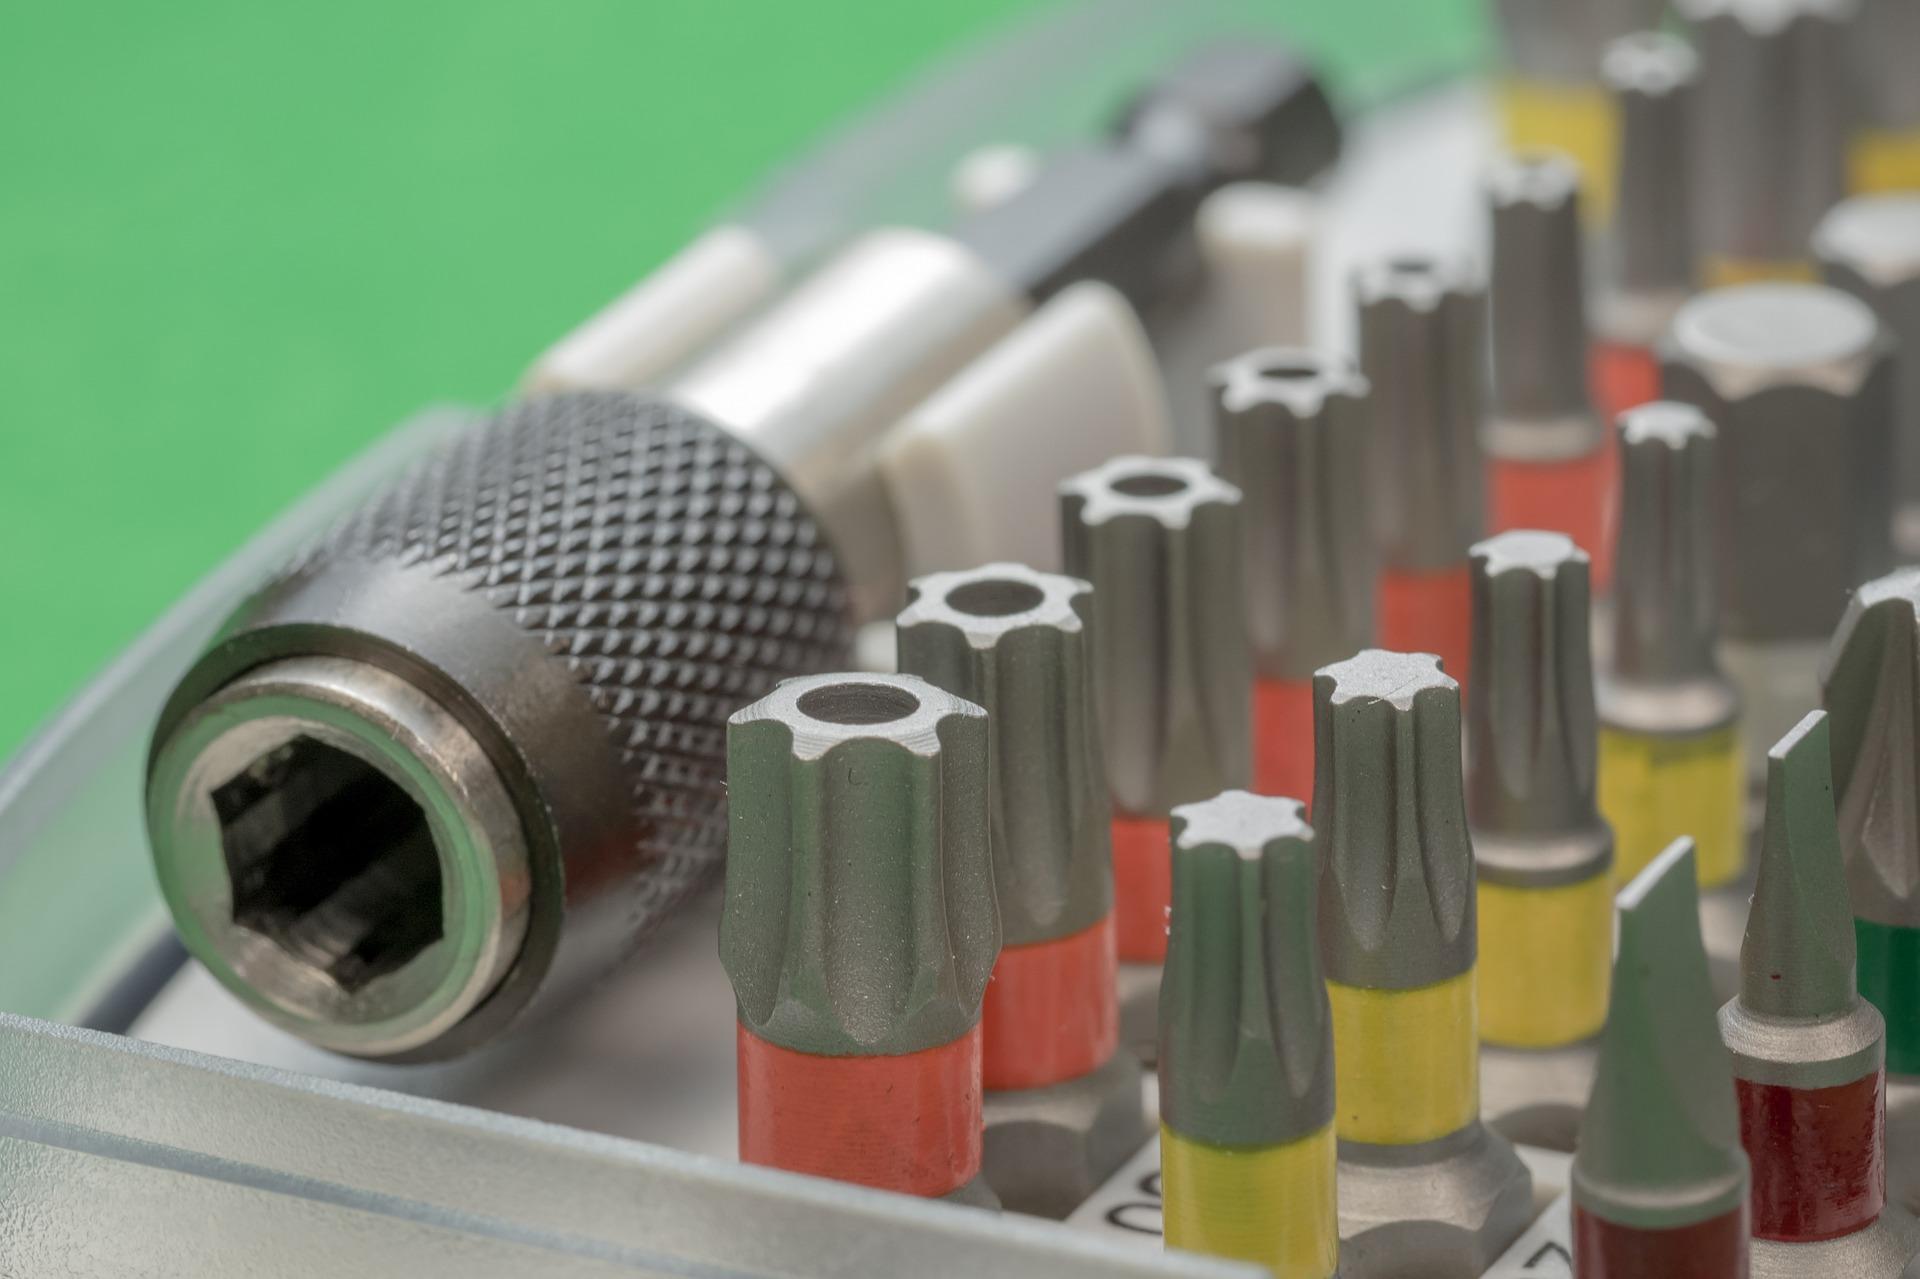 Imagem mostra um conjunto de pontas de chaves Torx.